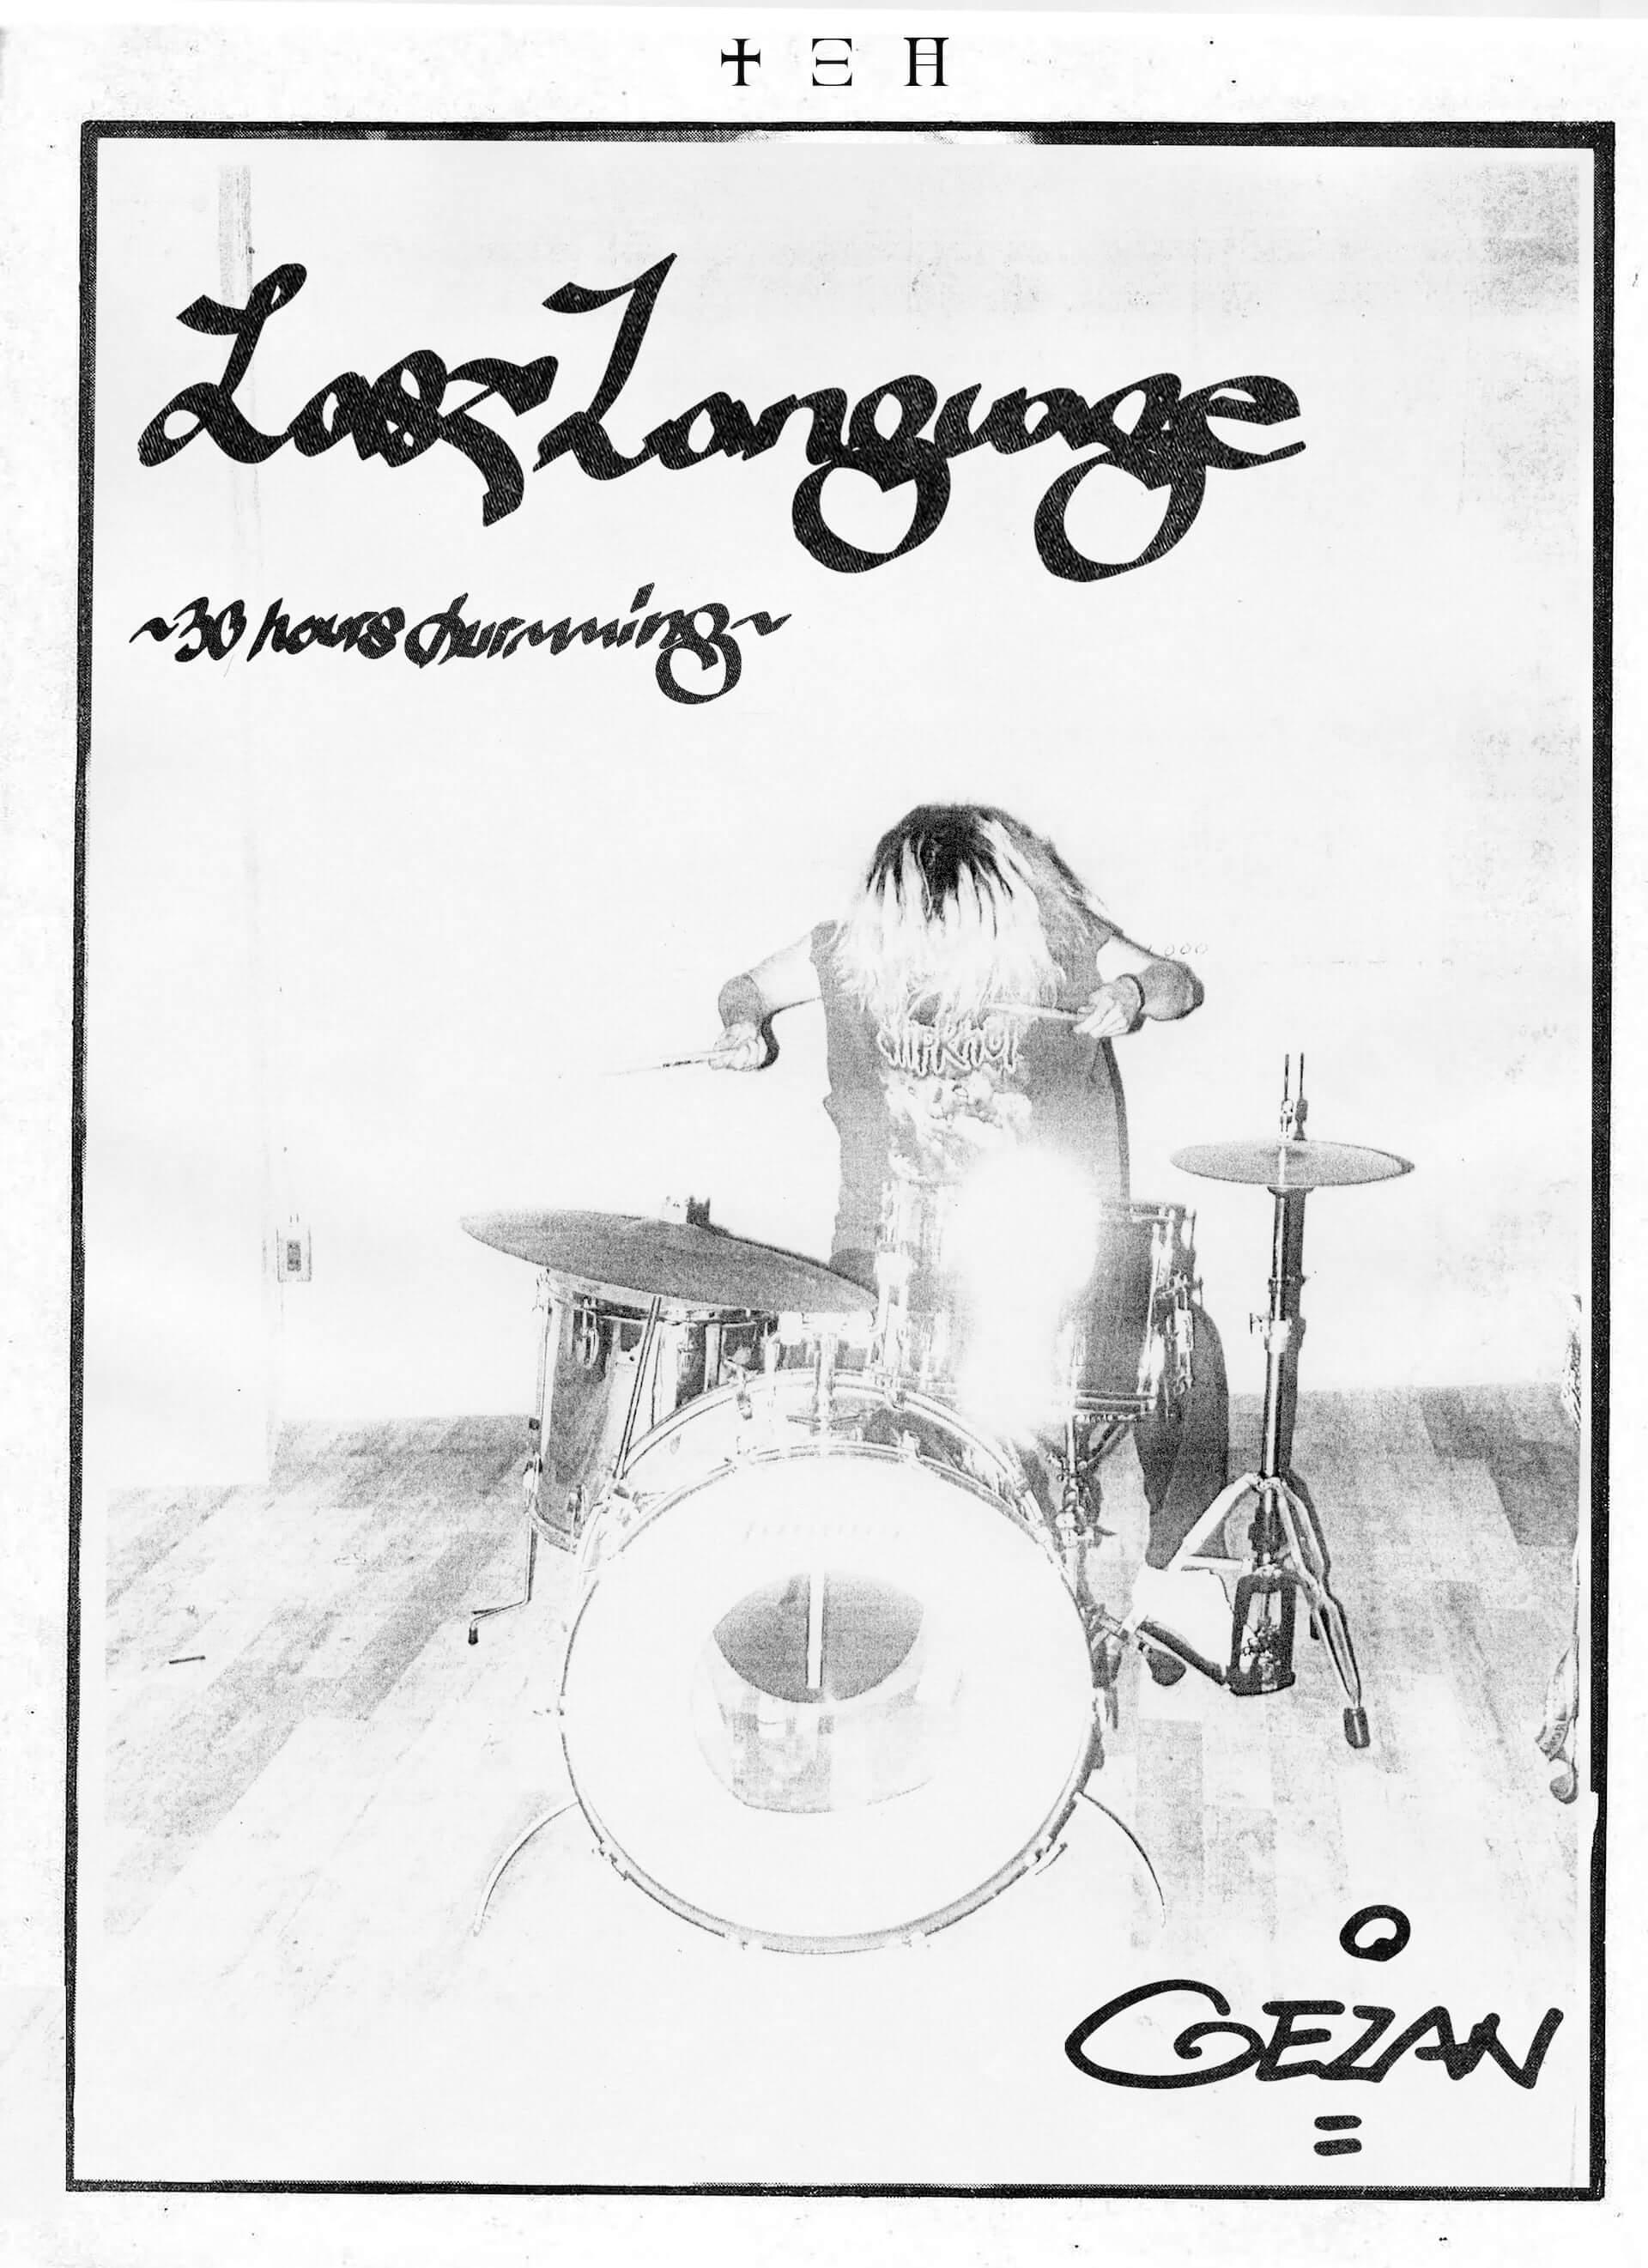 映像作品『Last Language 〜30hours drumming〜』の1日限定上映会がシネマート新宿にて開催決定!GEZANメンバー、神谷亮佑監督も登壇 music200923_lastlanguage_1-1-1920x2642